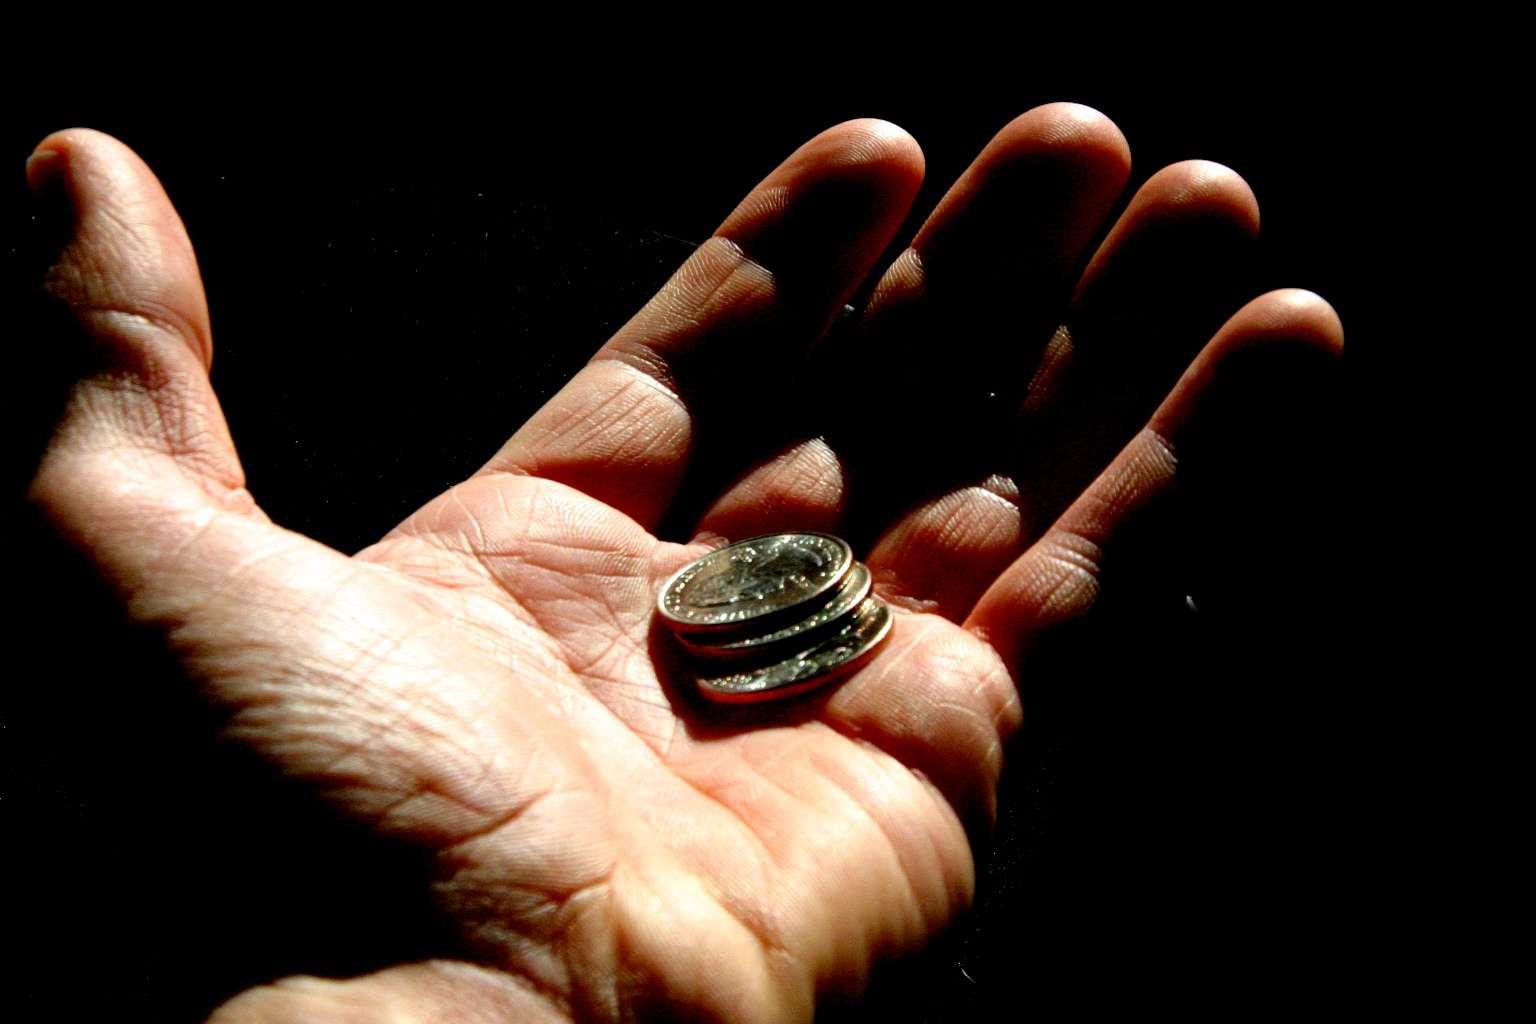 Donner de l'argent à un mendiant ou à une association caritative, s'impliquer dans l'humanitaire, s'arrêter pour aider son homologue… l'altruisme existe sous diverses formes. Mais est-il toujours visible ? © Imagebase.net